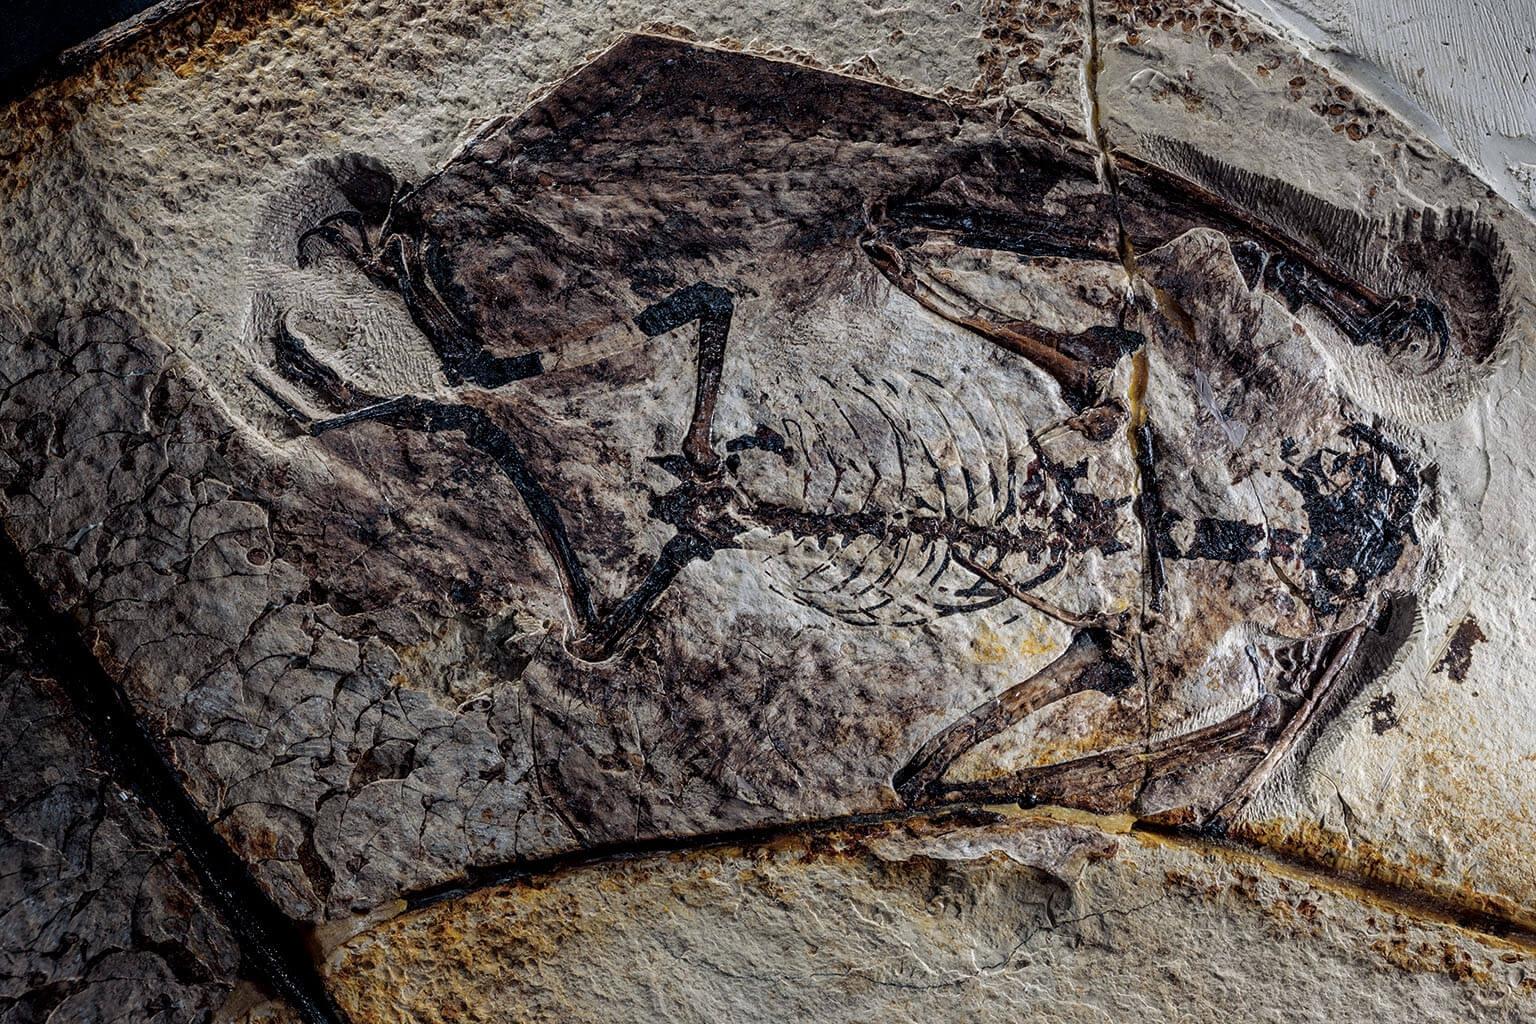 照片中的是在中國發現的熱河翼龍(Jeholopterus)化石,上面幾處有類似軟毛的纖維留下的細微壓痕。具有隔熱效果的細毛,顯示晚期的翼龍也許是溫血動物。 INSTITUTE OF VERTEBRATE PALEONTOLOGY AND PALEOANTHROPOLOGY, BEIJING 攝影:羅伯特.克拉克 Robert Clark